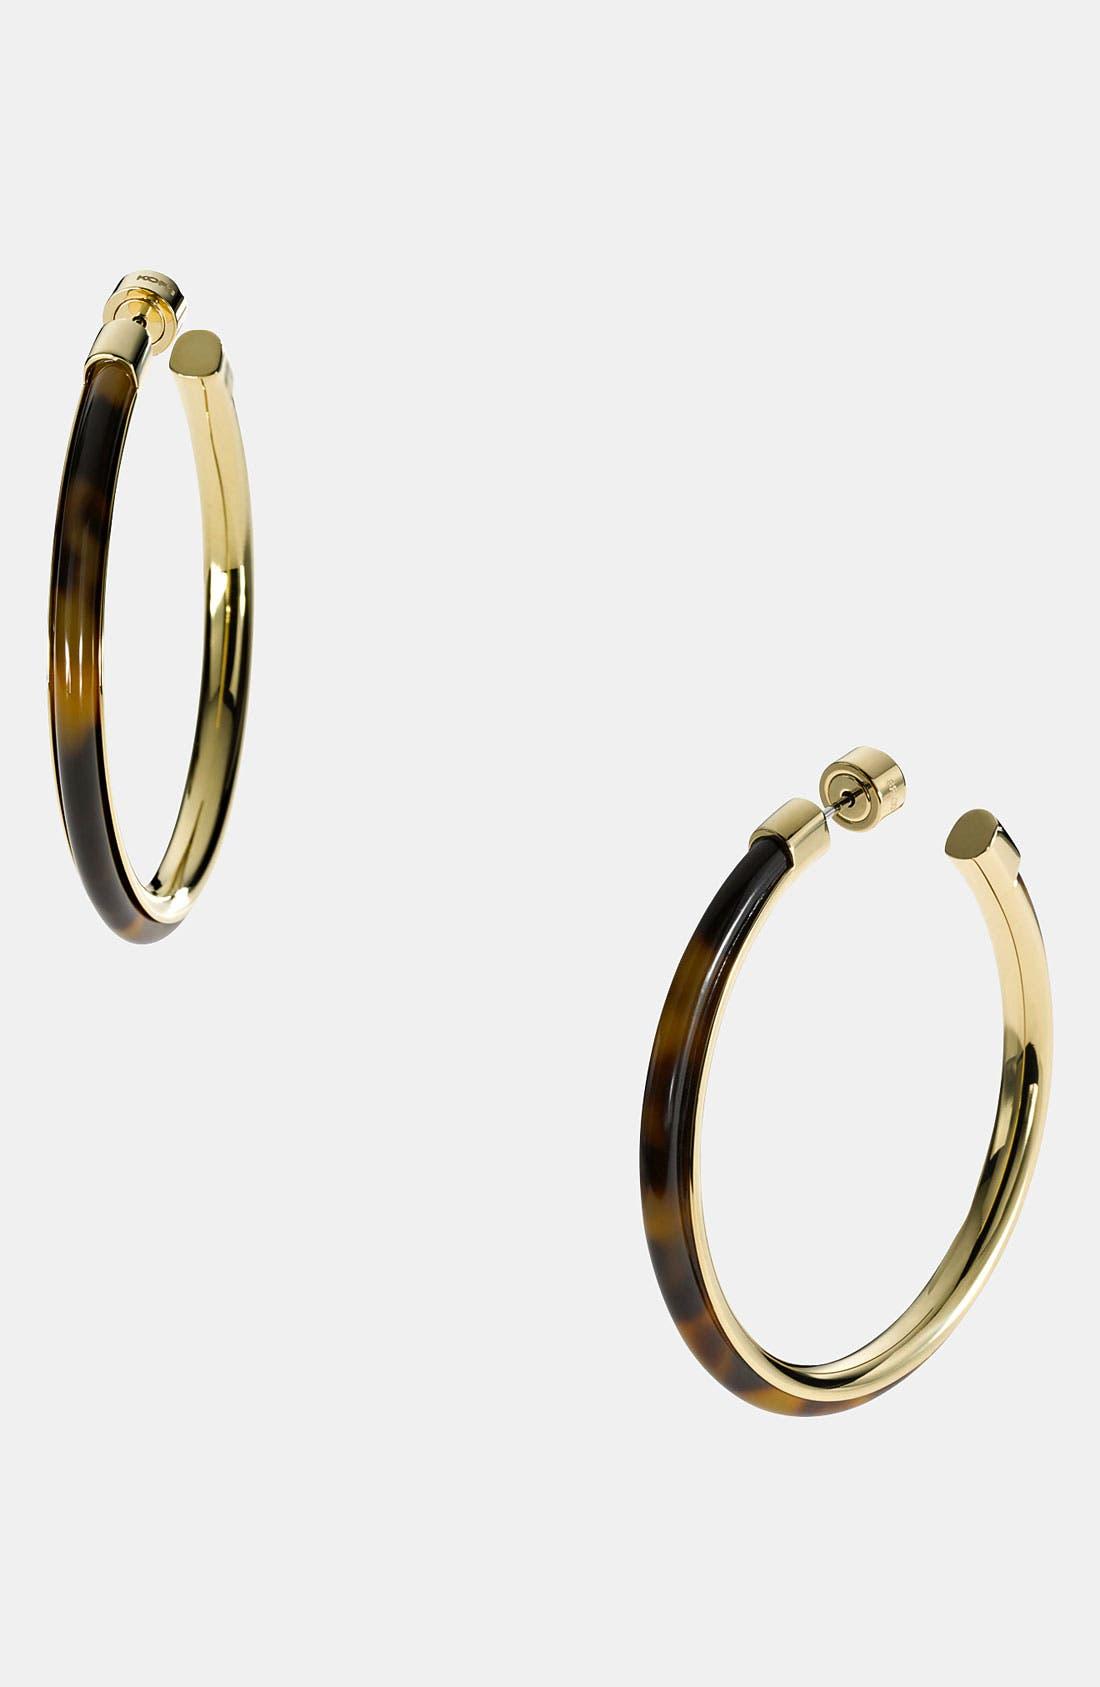 Alternate Image 1 Selected - Michael Kors 'Heritage' Large Hoop Earrings